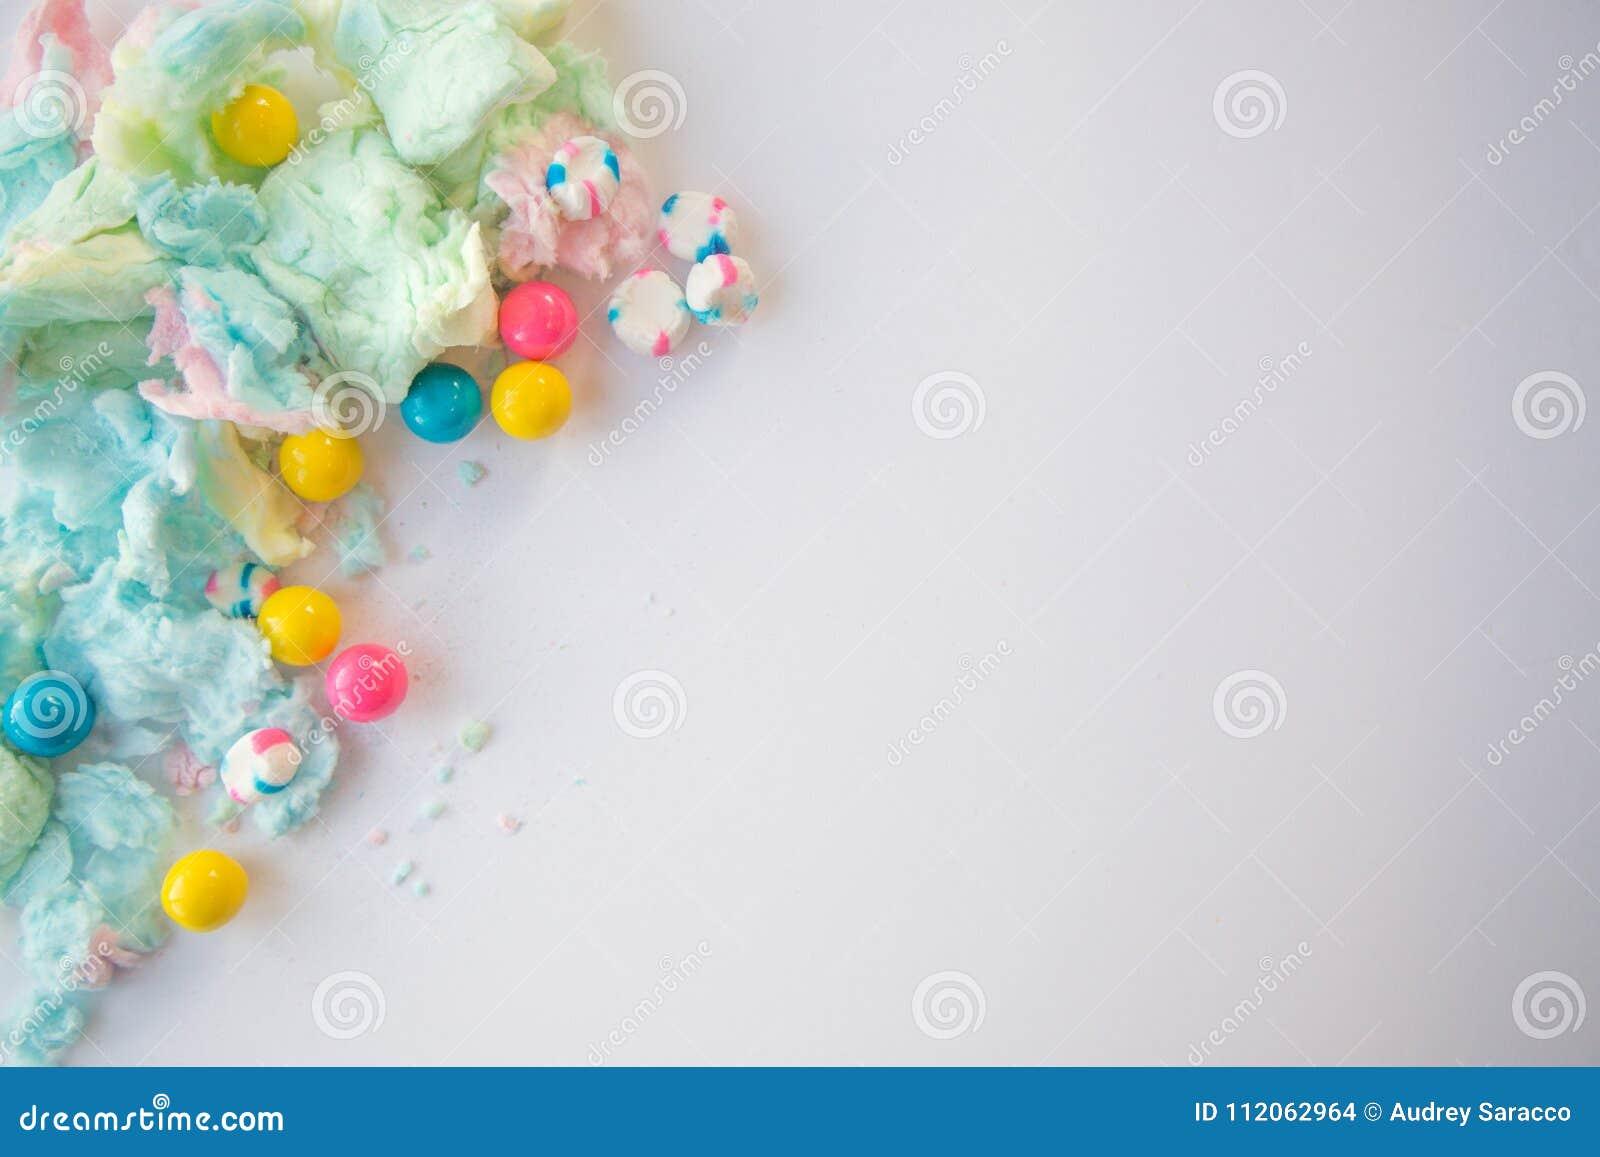 Puszysty bawełniany cukierek i gumballs